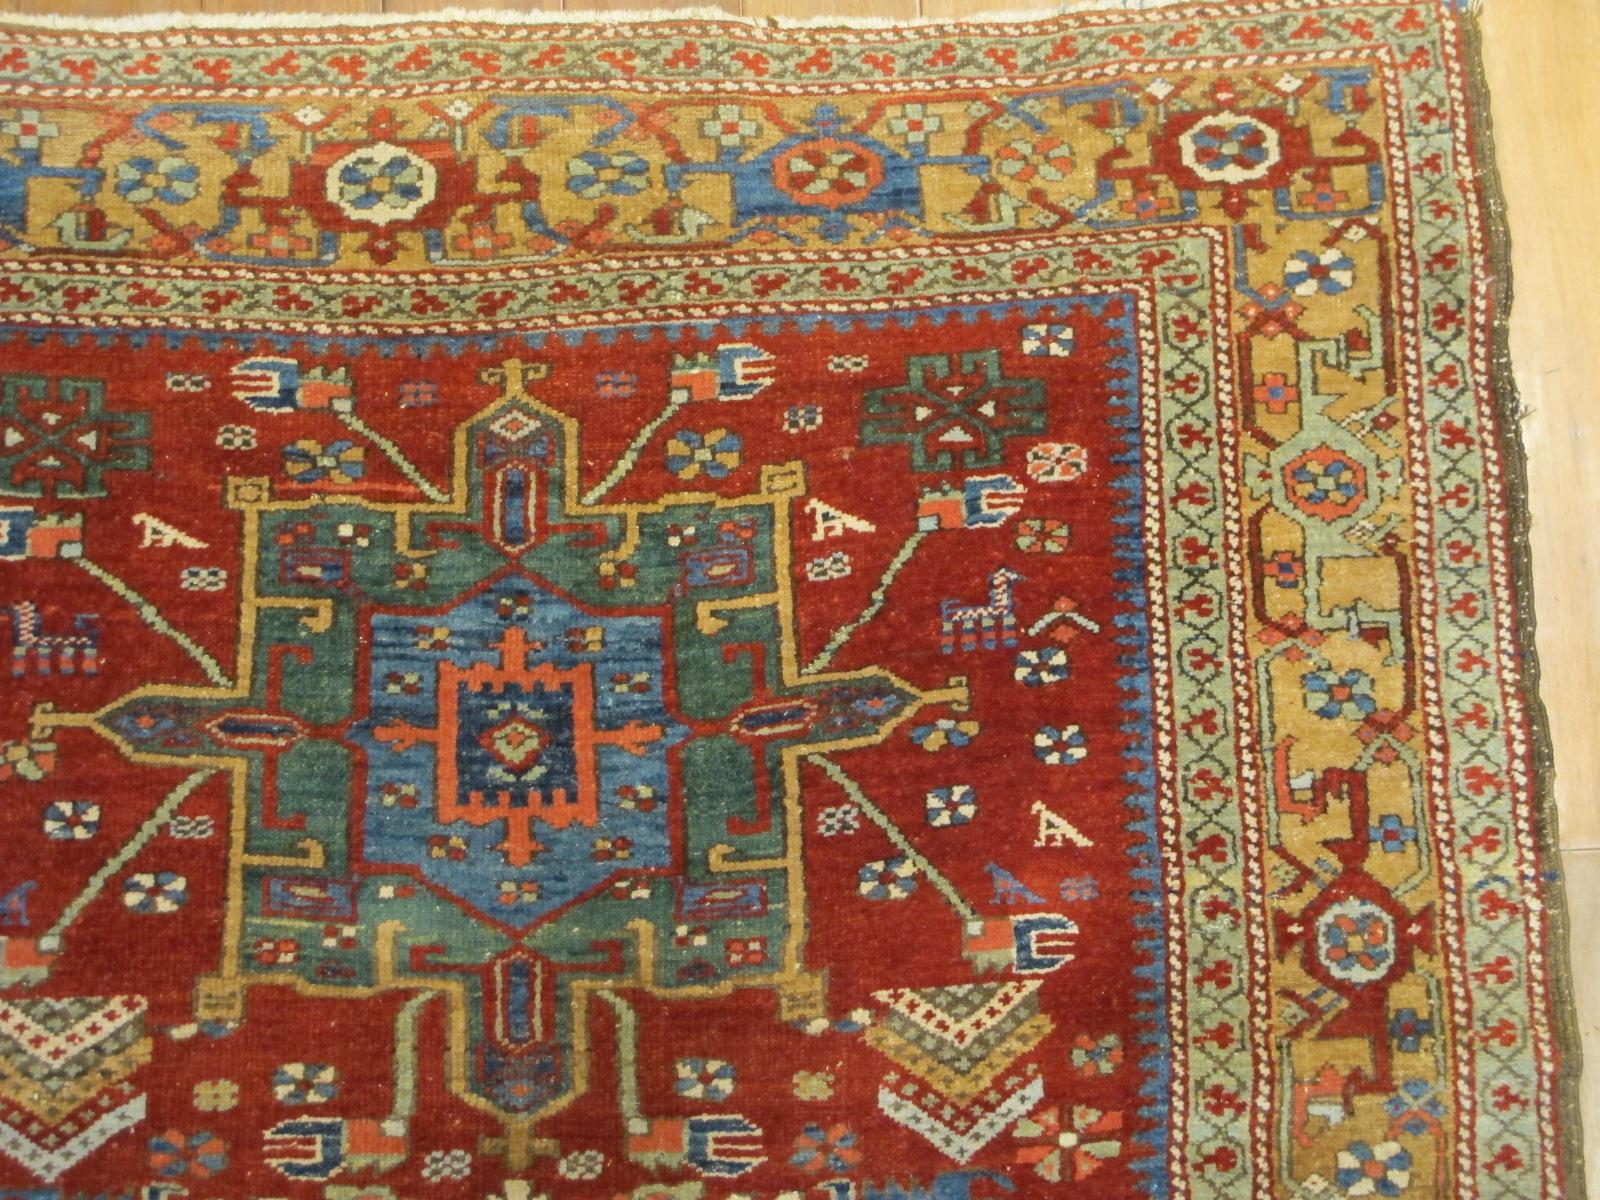 23672 antique persian serapi karadja rug 4,8x7,0 (2)